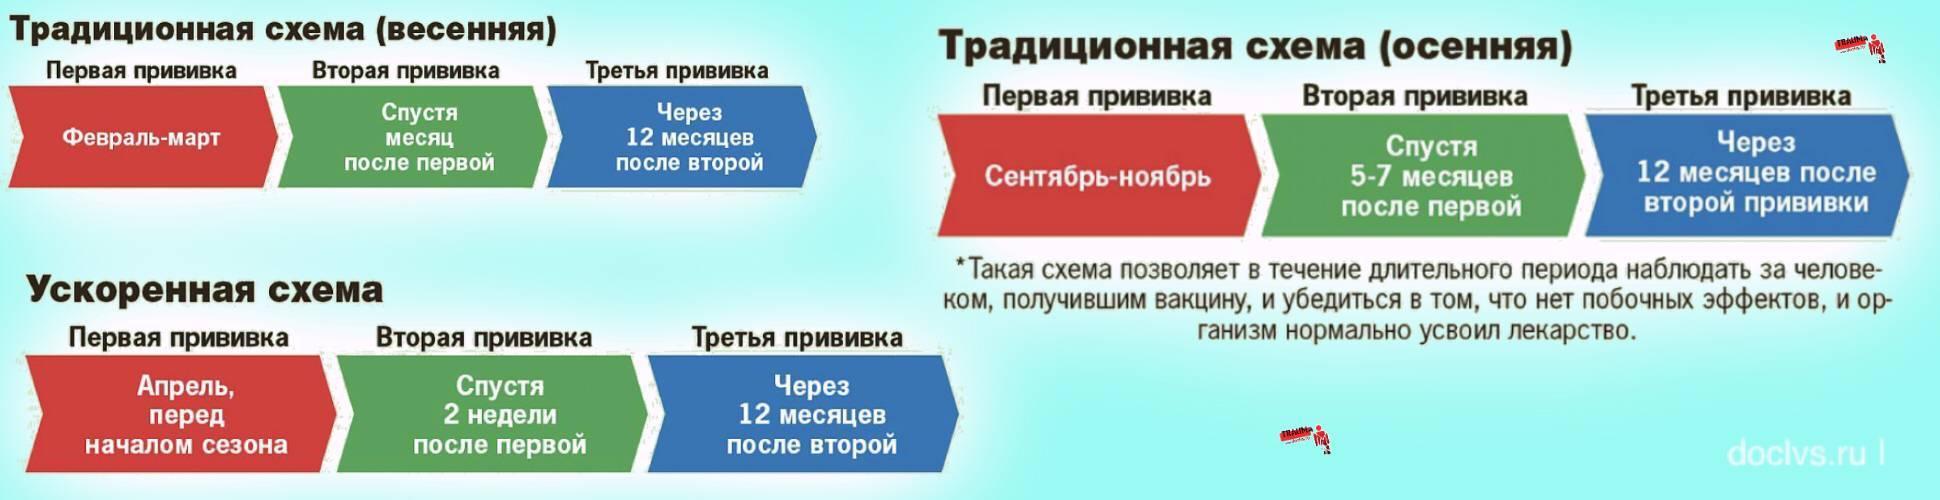 Прививка от клещевого энцефалита - цены в клинике семейный доктор, москва.